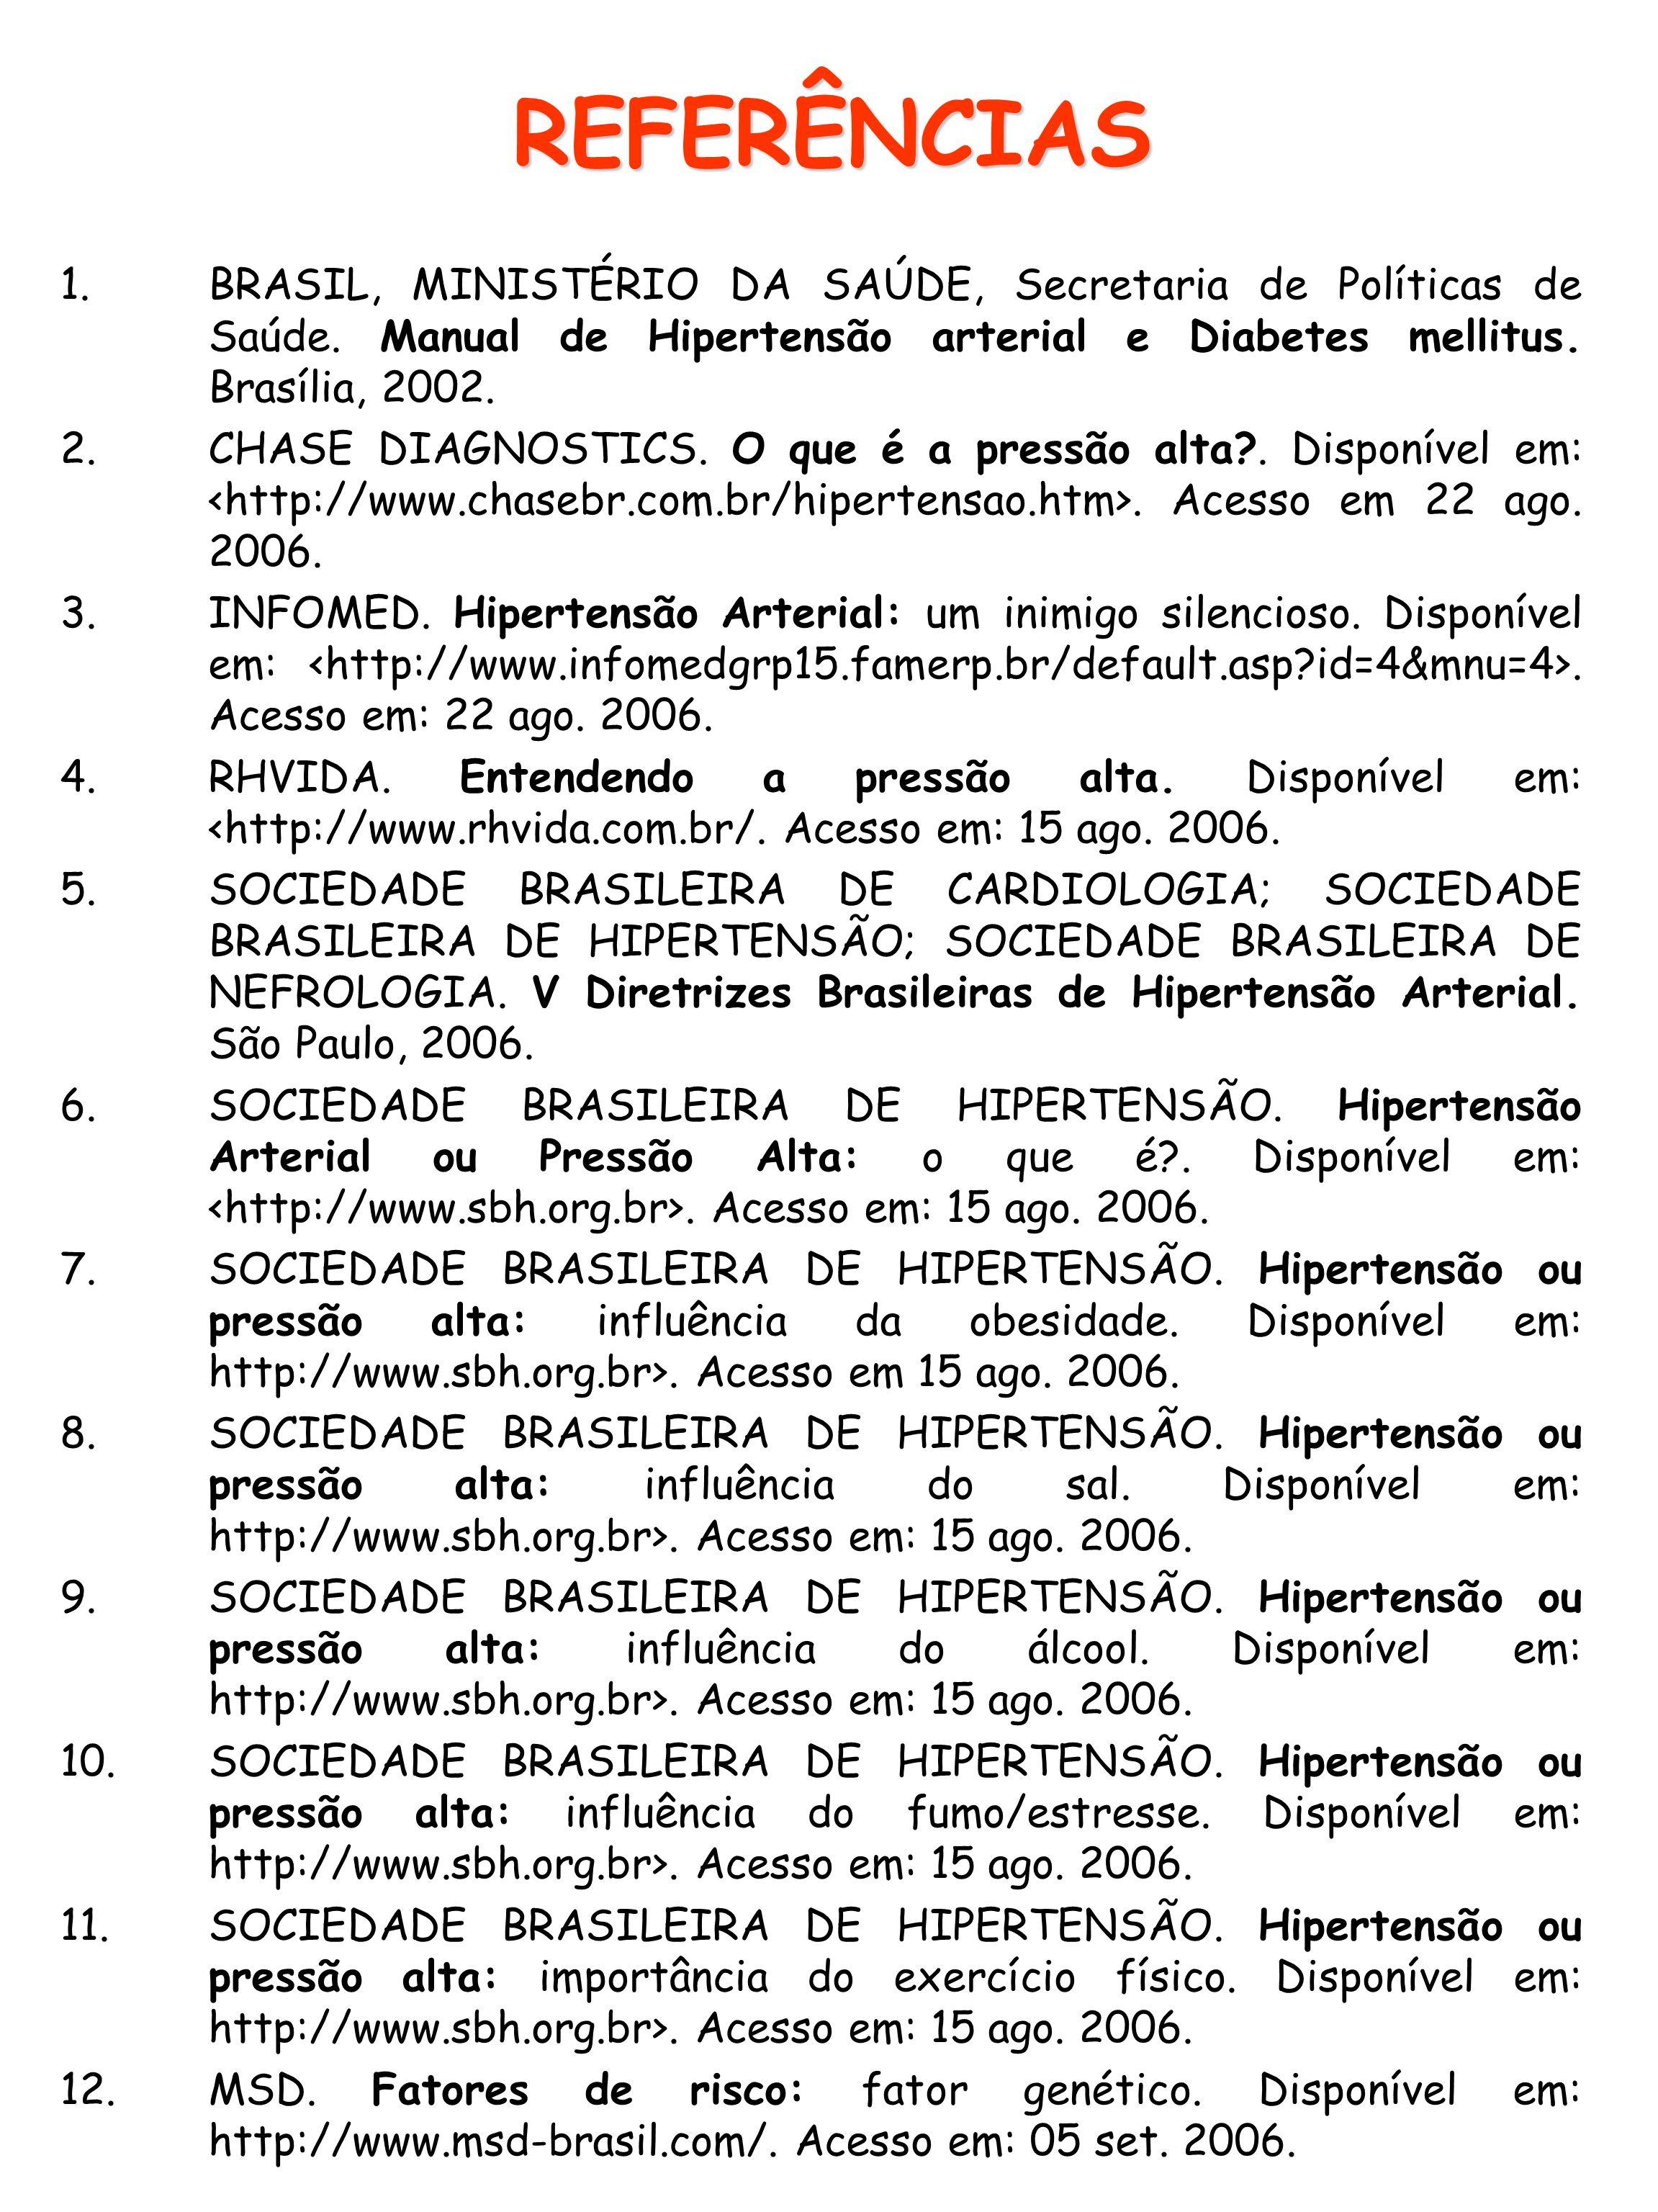 REFERÊNCIAS 1.BRASIL, MINISTÉRIO DA SAÚDE, Secretaria de Políticas de Saúde. Manual de Hipertensão arterial e Diabetes mellitus. Brasília, 2002. 2.CHA